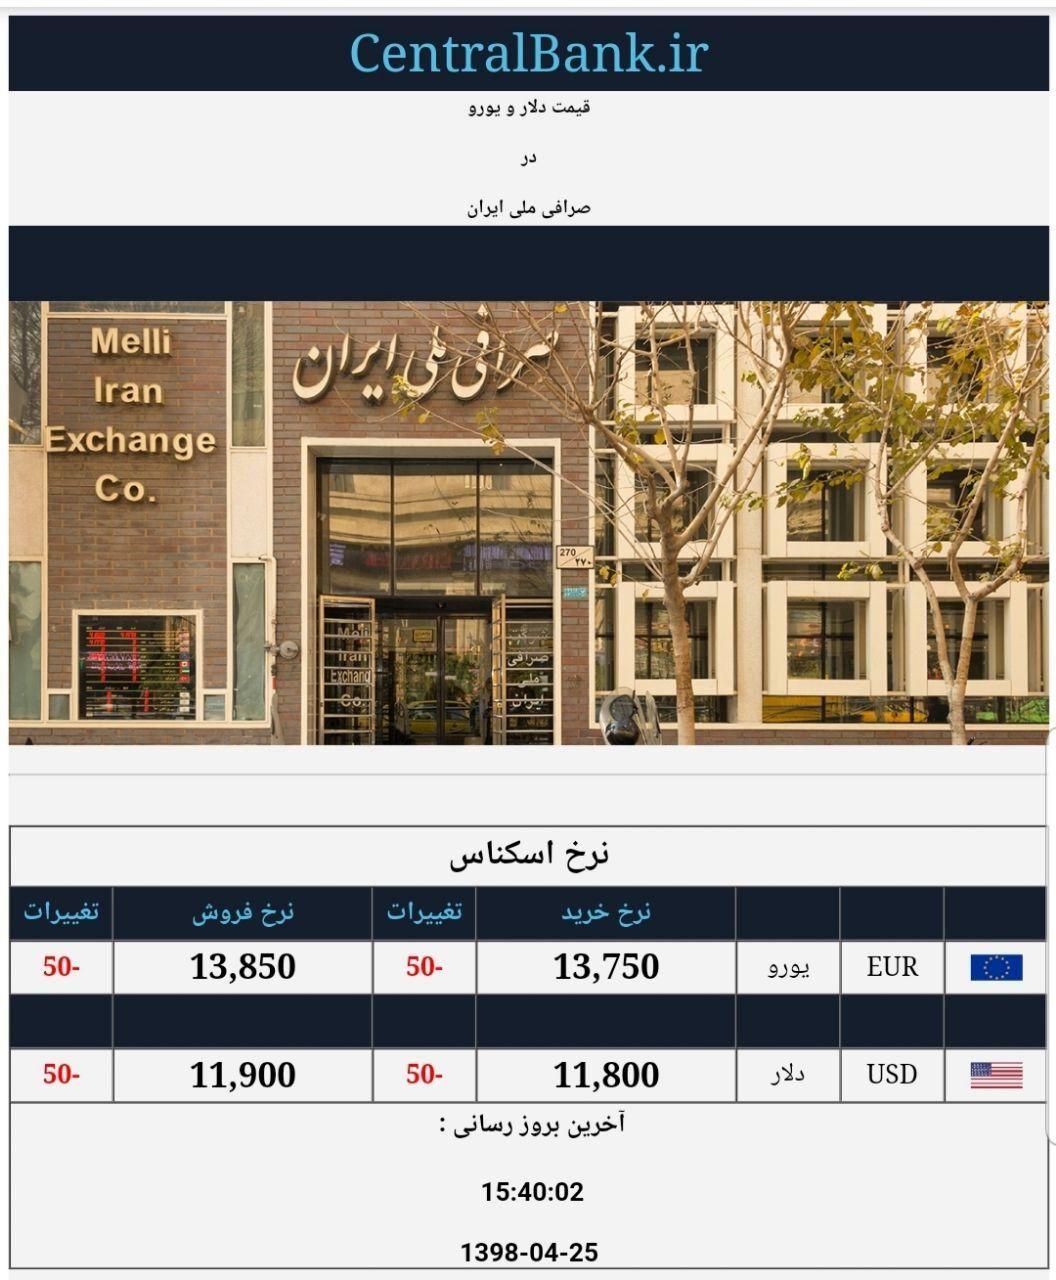 قیمت دلار و یورو در صرافی ملی امروز ۱۳۹۸/۰۴/۲۵  ماندن دلار در کانال ۱۱ هزارتومان